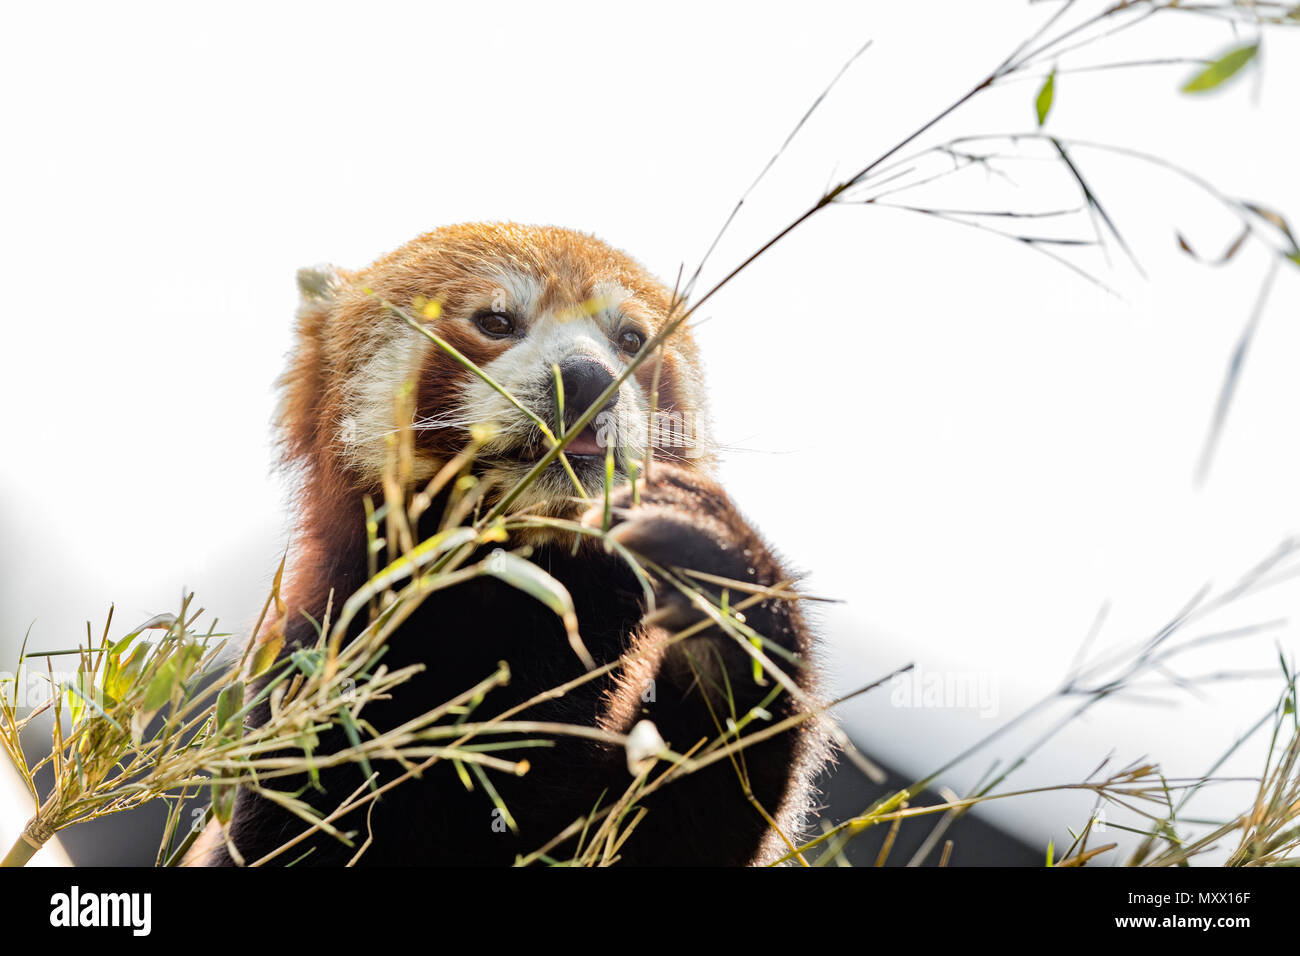 Cute animal, un ours panda rouge de manger du bambou, tout en tenant une branche de bambou avec ses pattes. Fond de Ciel clair Photo Stock